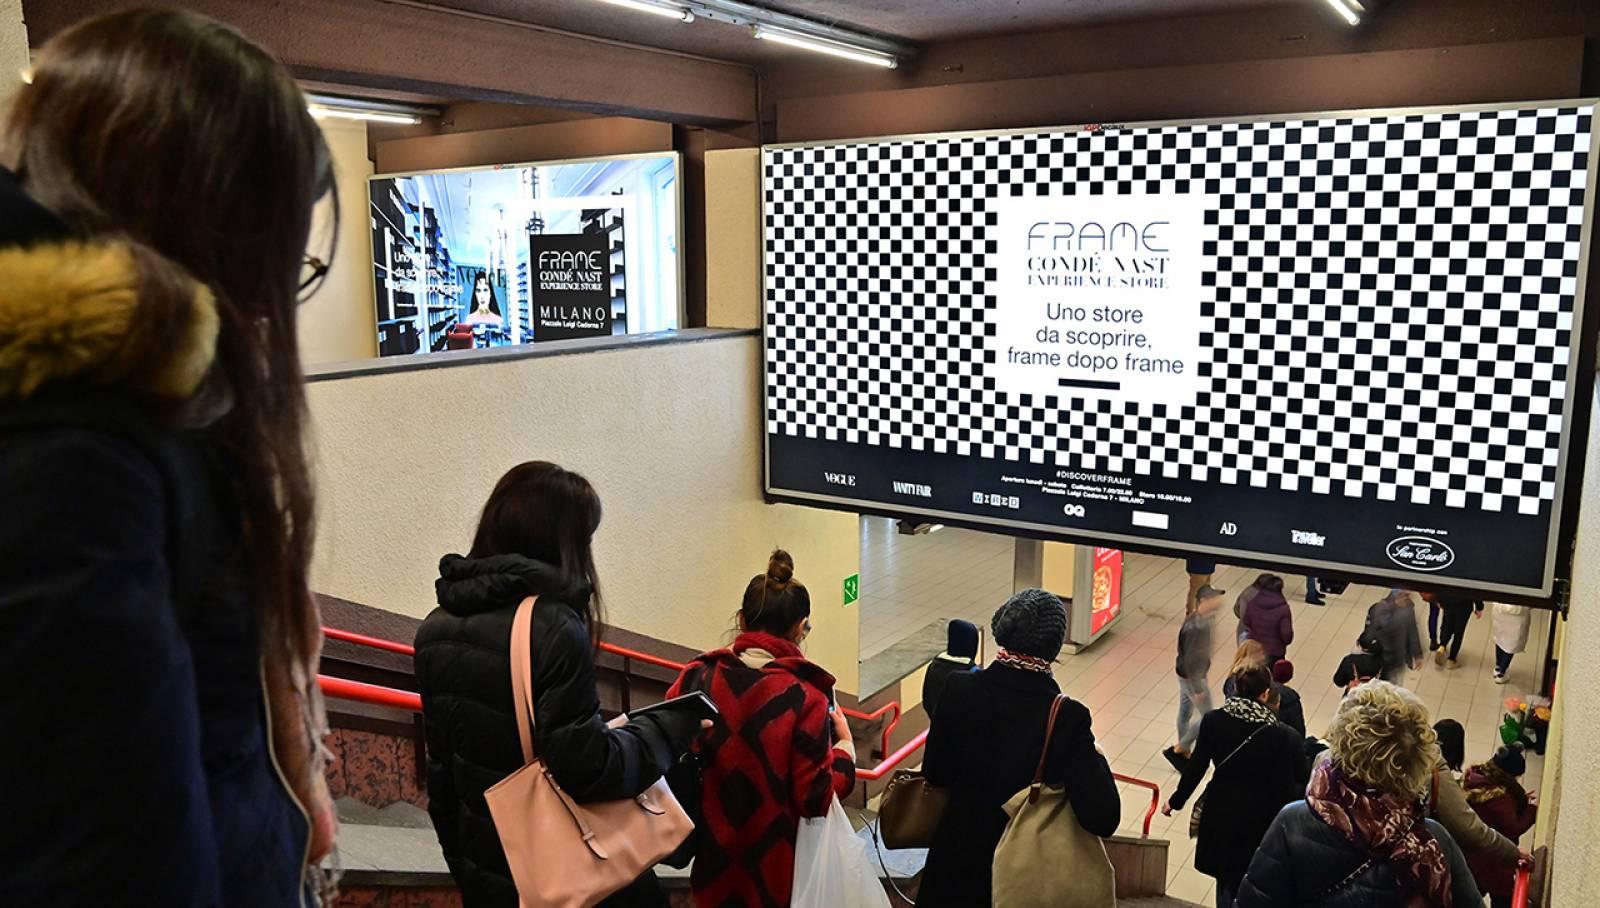 Pubblicità metropolitana milanese Station Domination per Condé Nast IGPDecaux